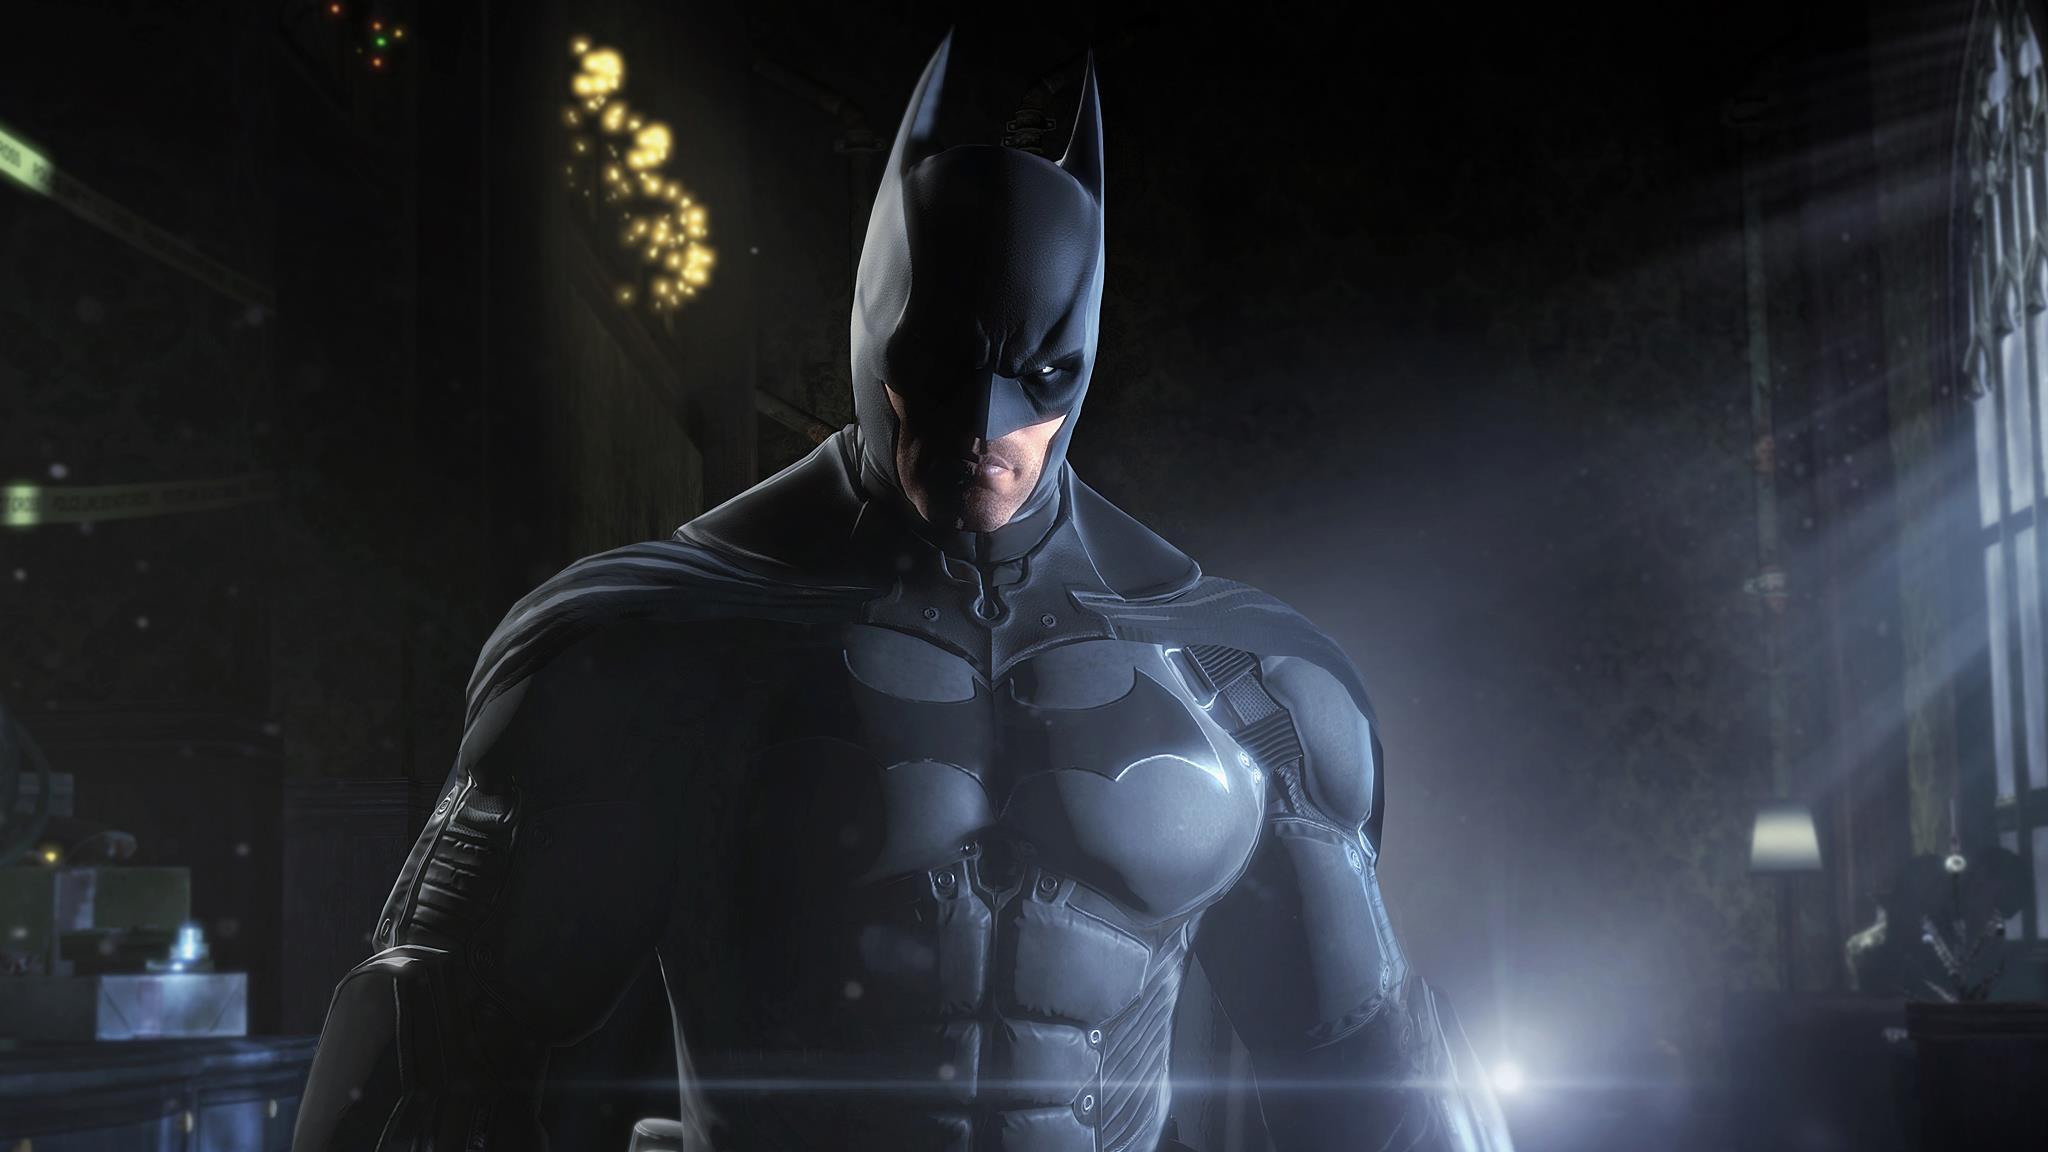 Начался бета-тест Batman: Arkham Origins  За мультиплеер Batman: Arkham Origins отвечает команда Splash Damage, кото .... - Изображение 2